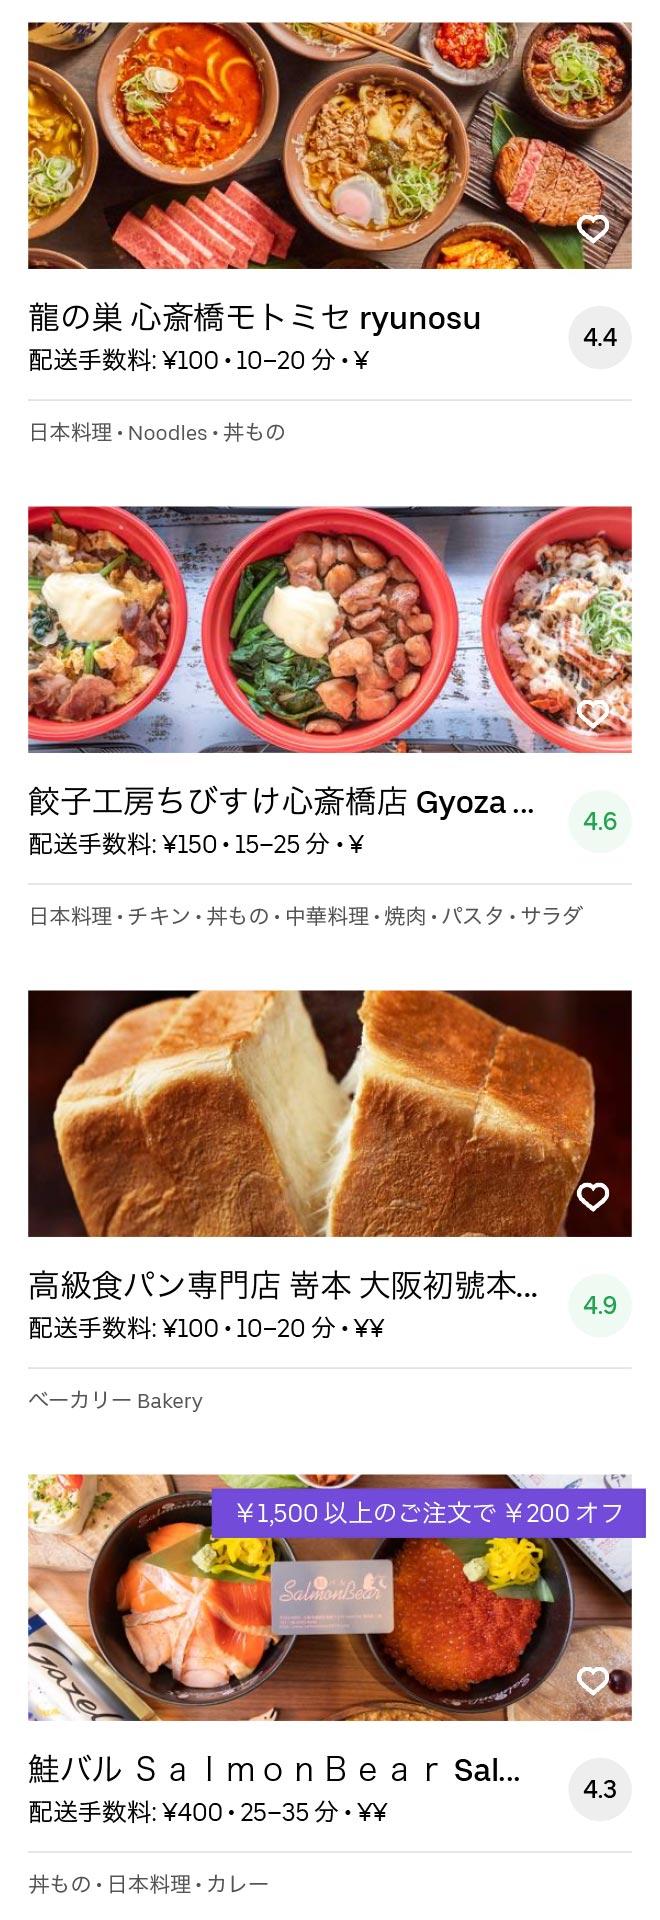 Osaka nanba menu 2005 08